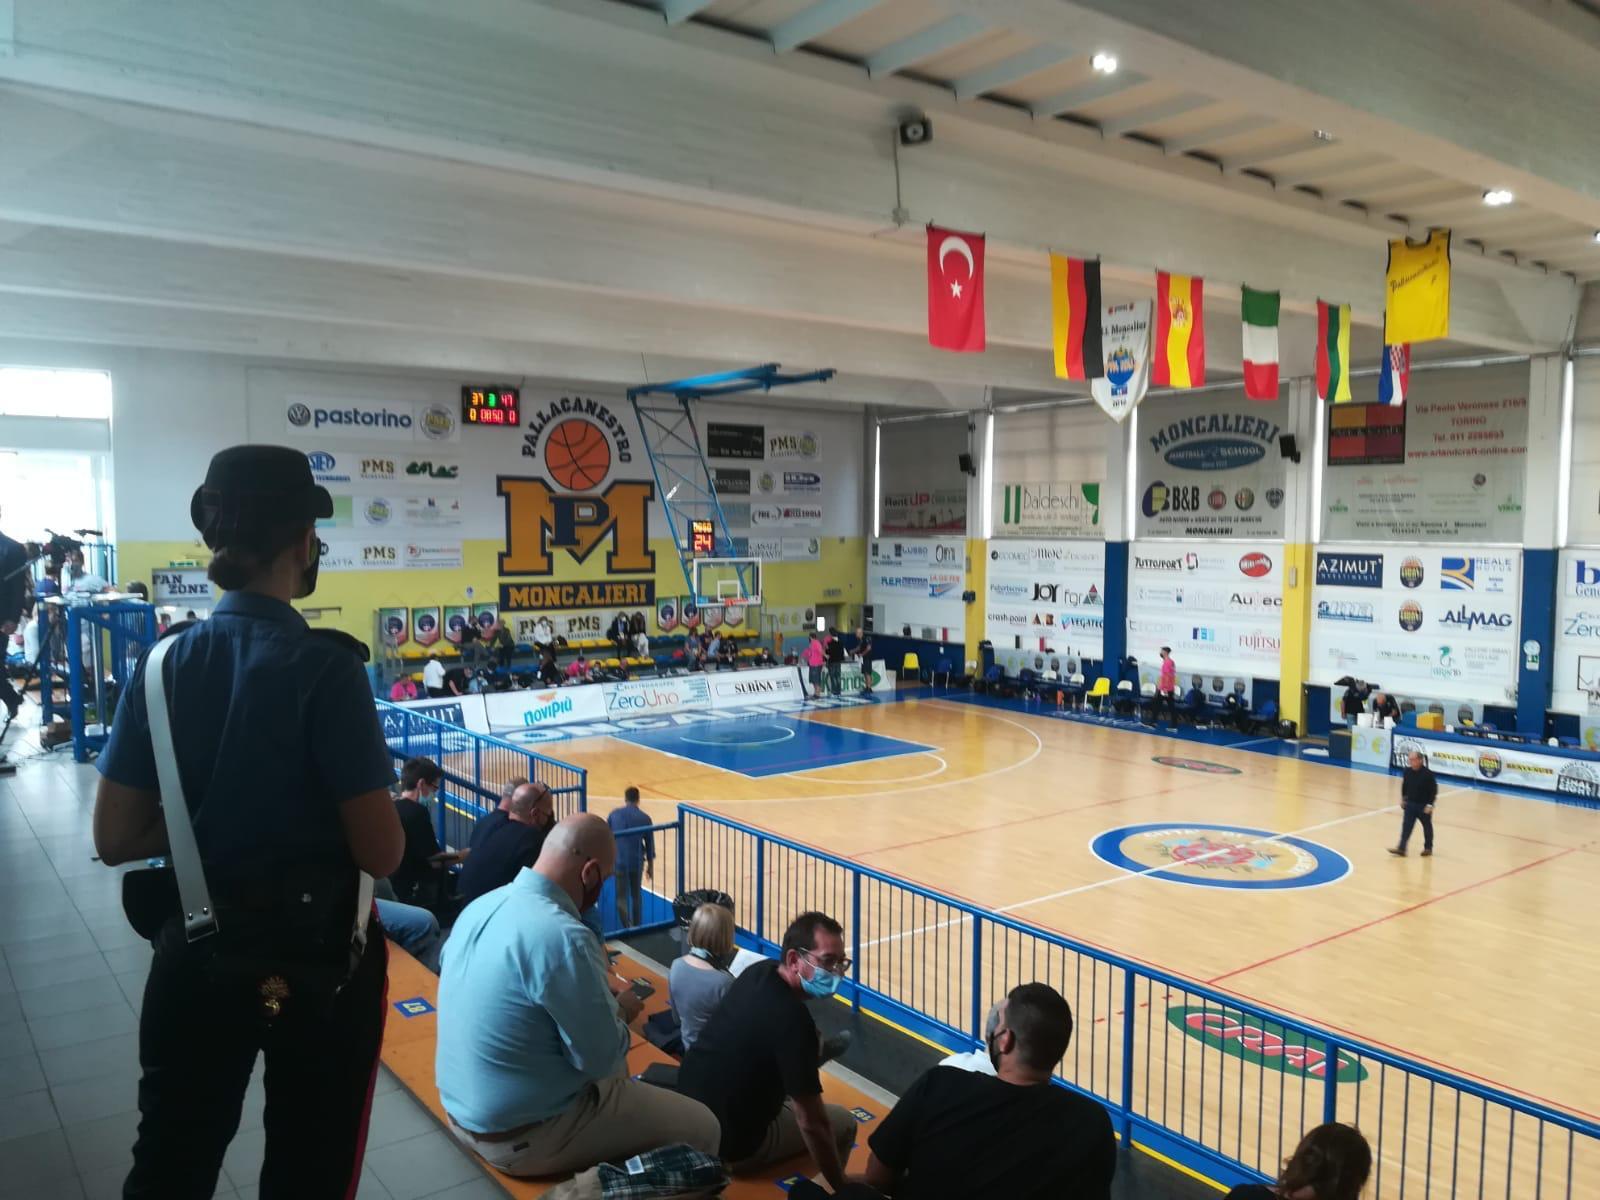 MONCALIERI – Iniziate le finale eight di coppa italia di basket femminile